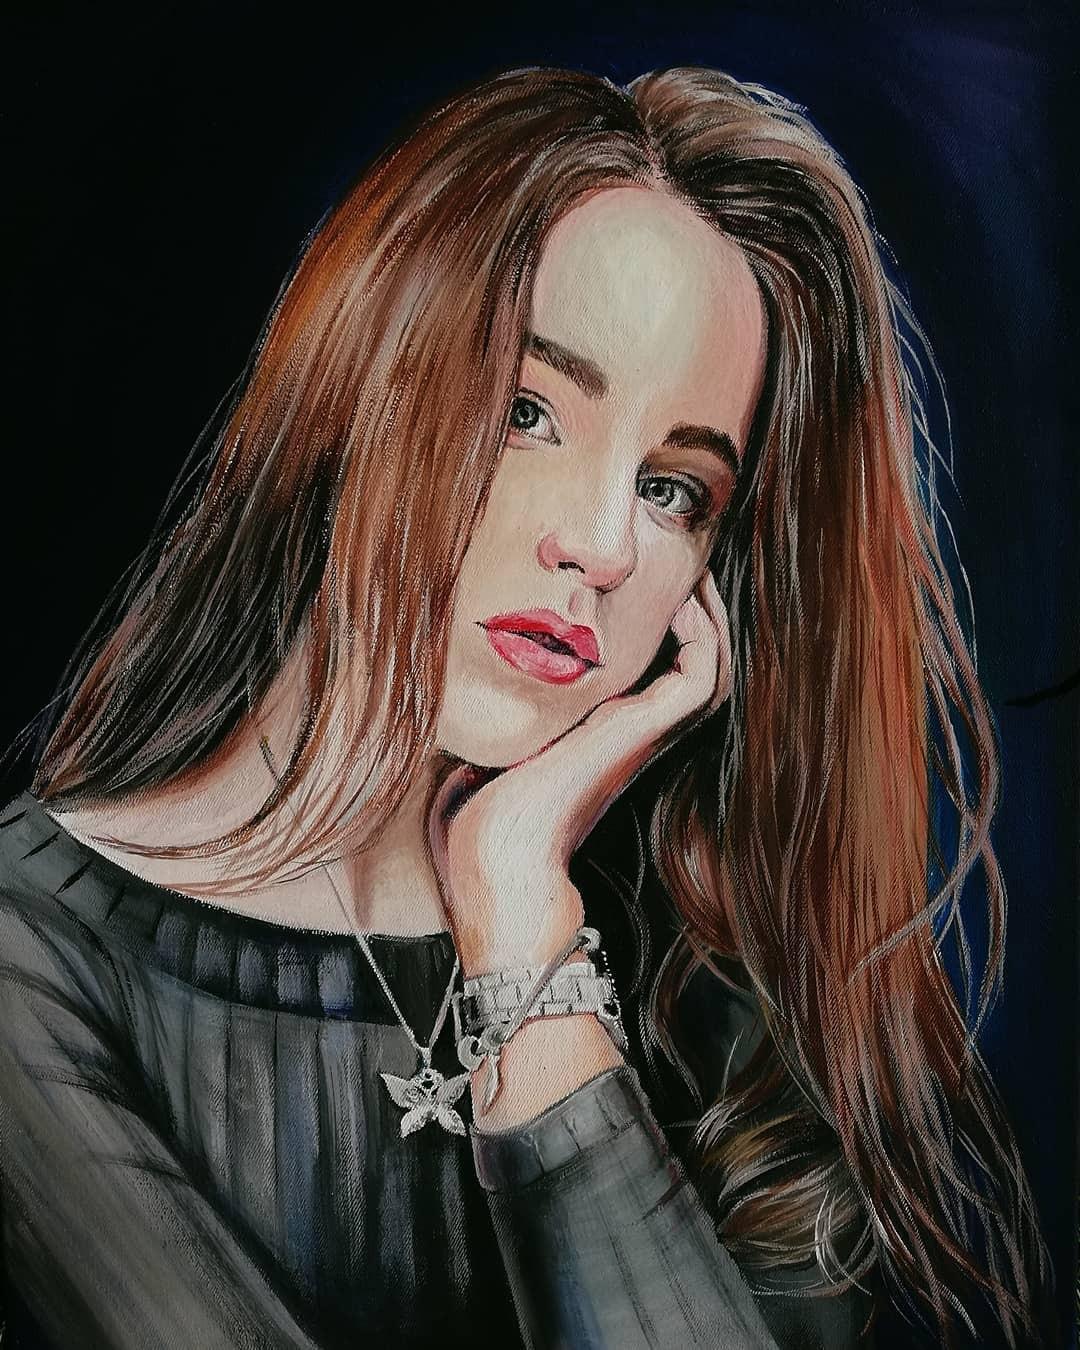 dAhFkzimpLg Реалистичный портрет (красками)